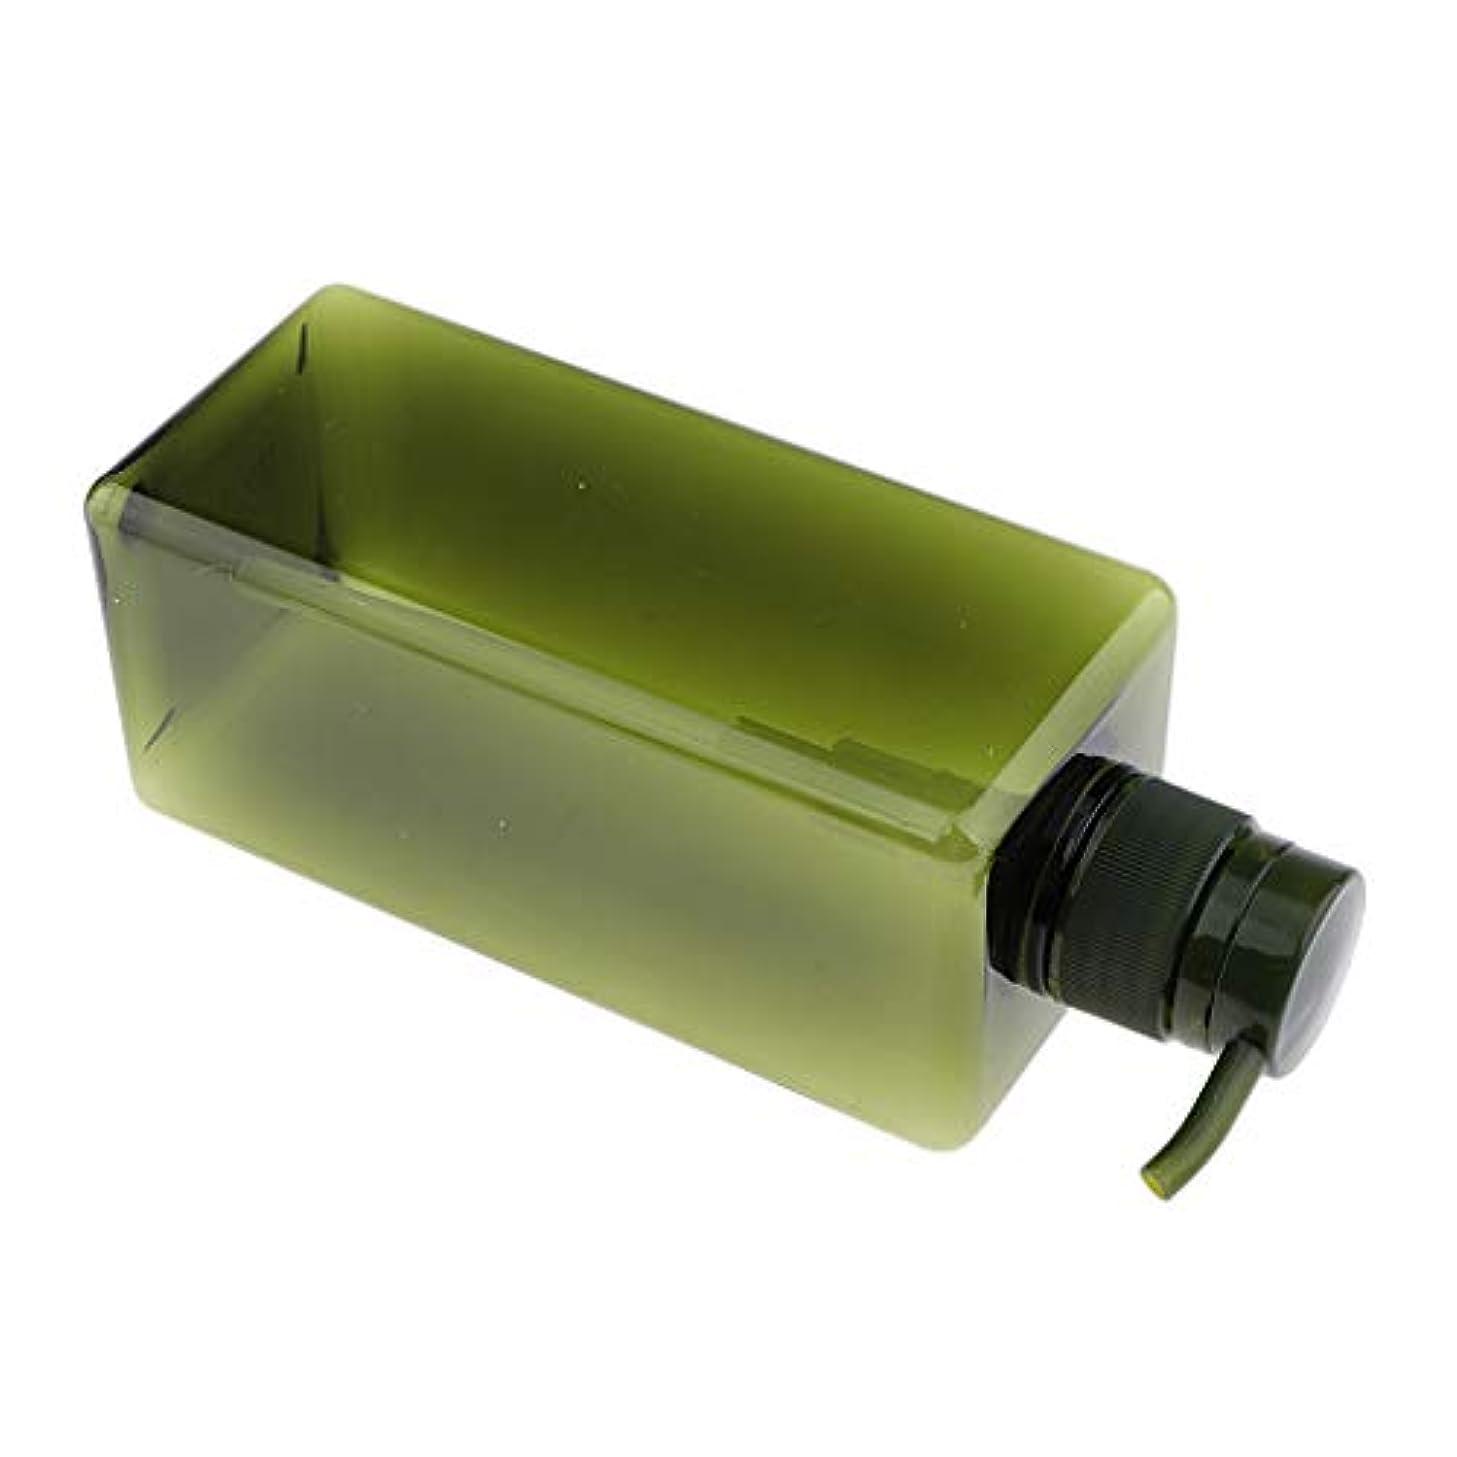 写真撮影バーゲンホームレスソープディスペンサー ローションボトル シャンプーコンテナ 650ml 高品質 プラスチック 4色選べ - グリーン